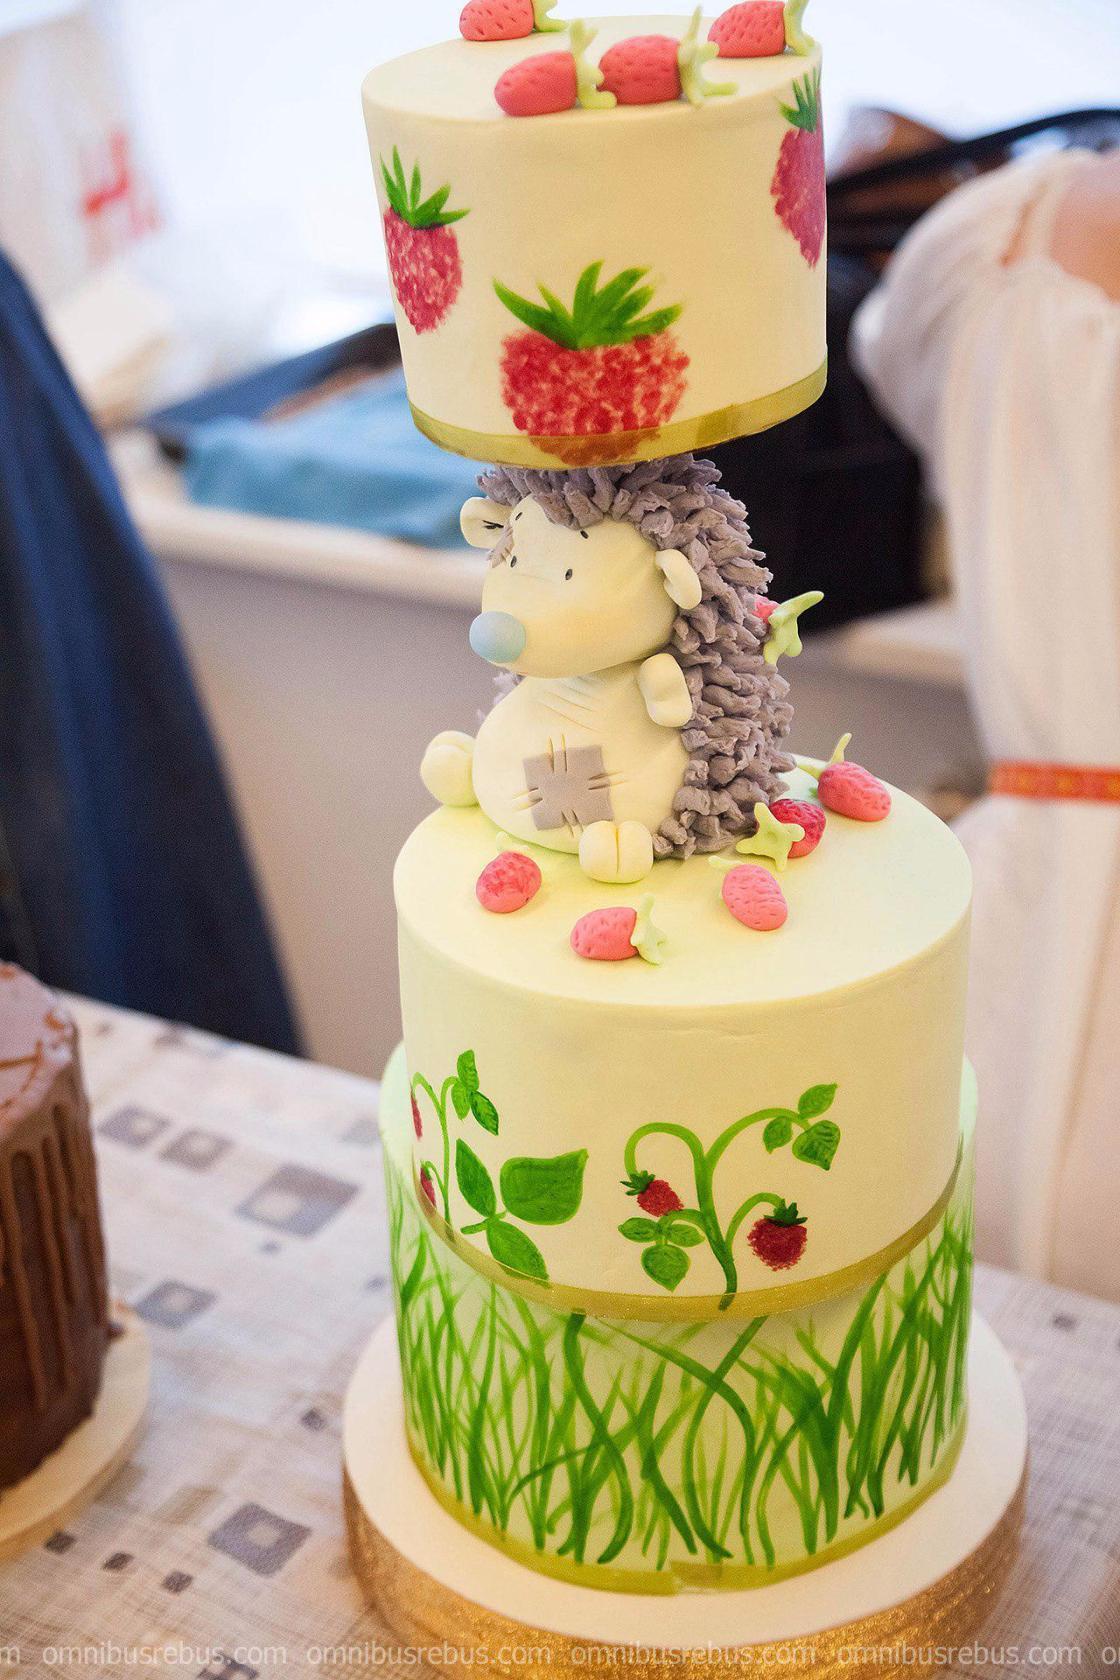 Шоу торты ручной работы на заказ в Кяхте  Также мы изготавливаем кап кейки кейк попсы печенье с оформлением Стоимость цена торта за кг зависит от сложности оформления начинок бисквита